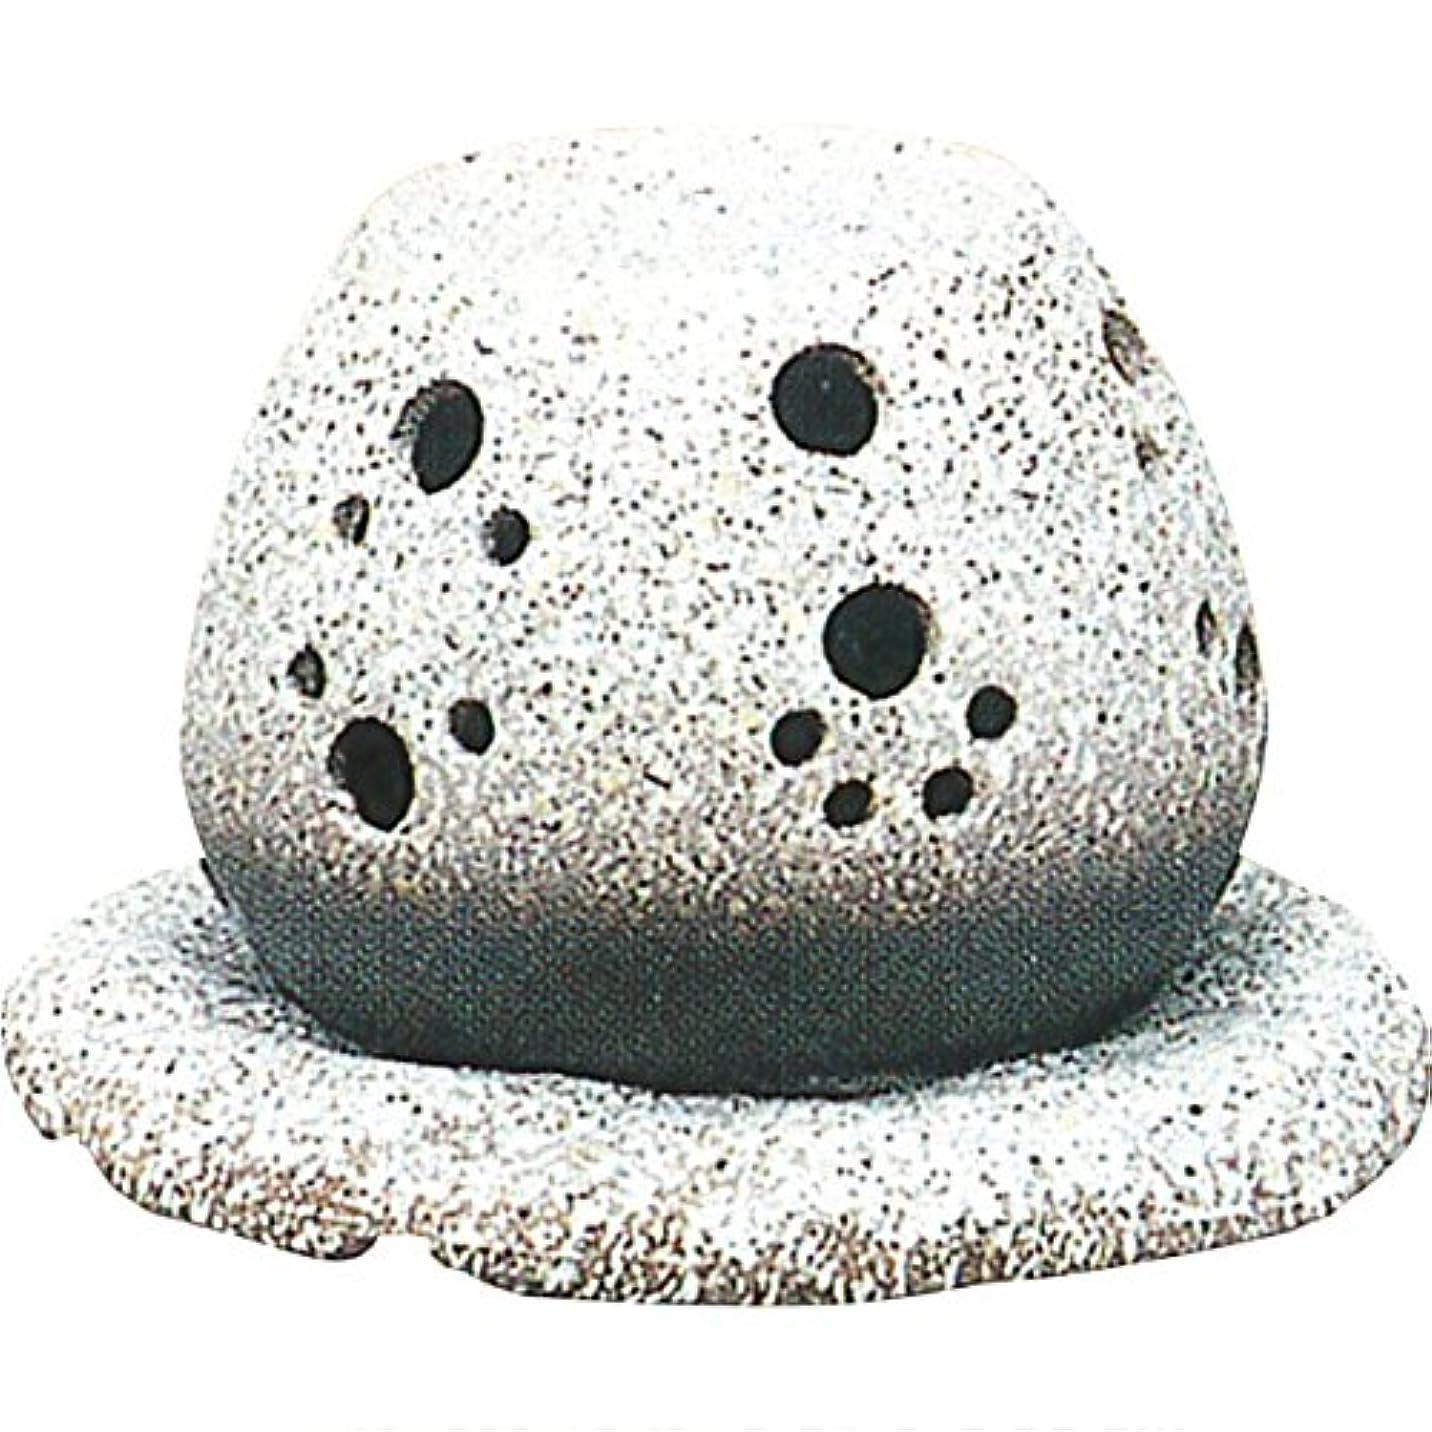 残酷鮮やかな昨日茶香炉 : 常滑焼 山房窯 ロウソクタイプ茶香炉 (白皿付?ロウソク1ヶ付)?ル35-05